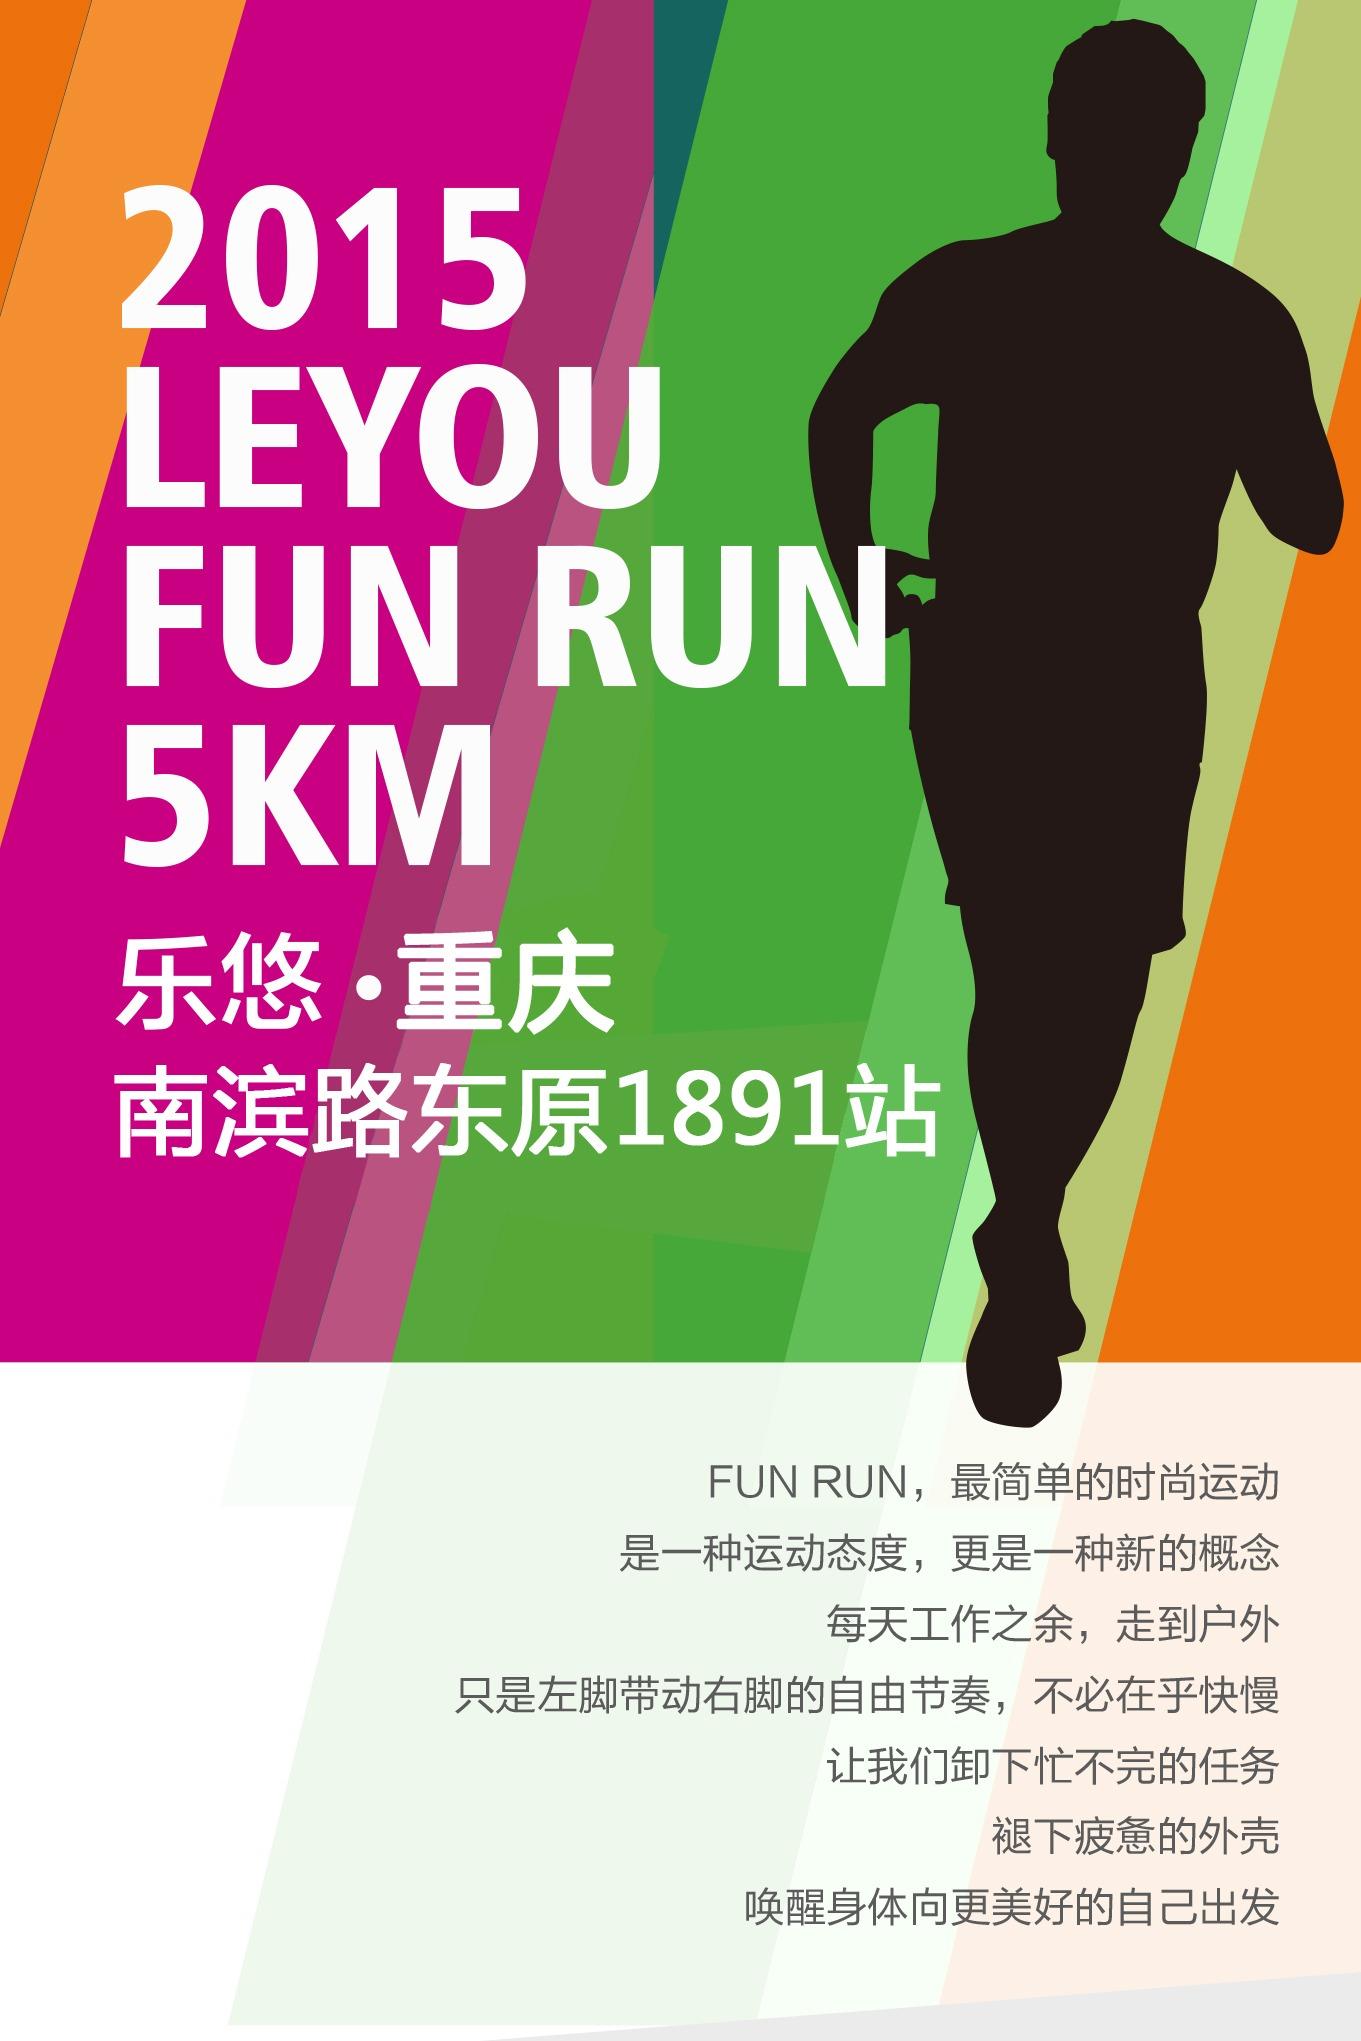 【今天你运动了吗】FUN RUN  乐跑挑战5km